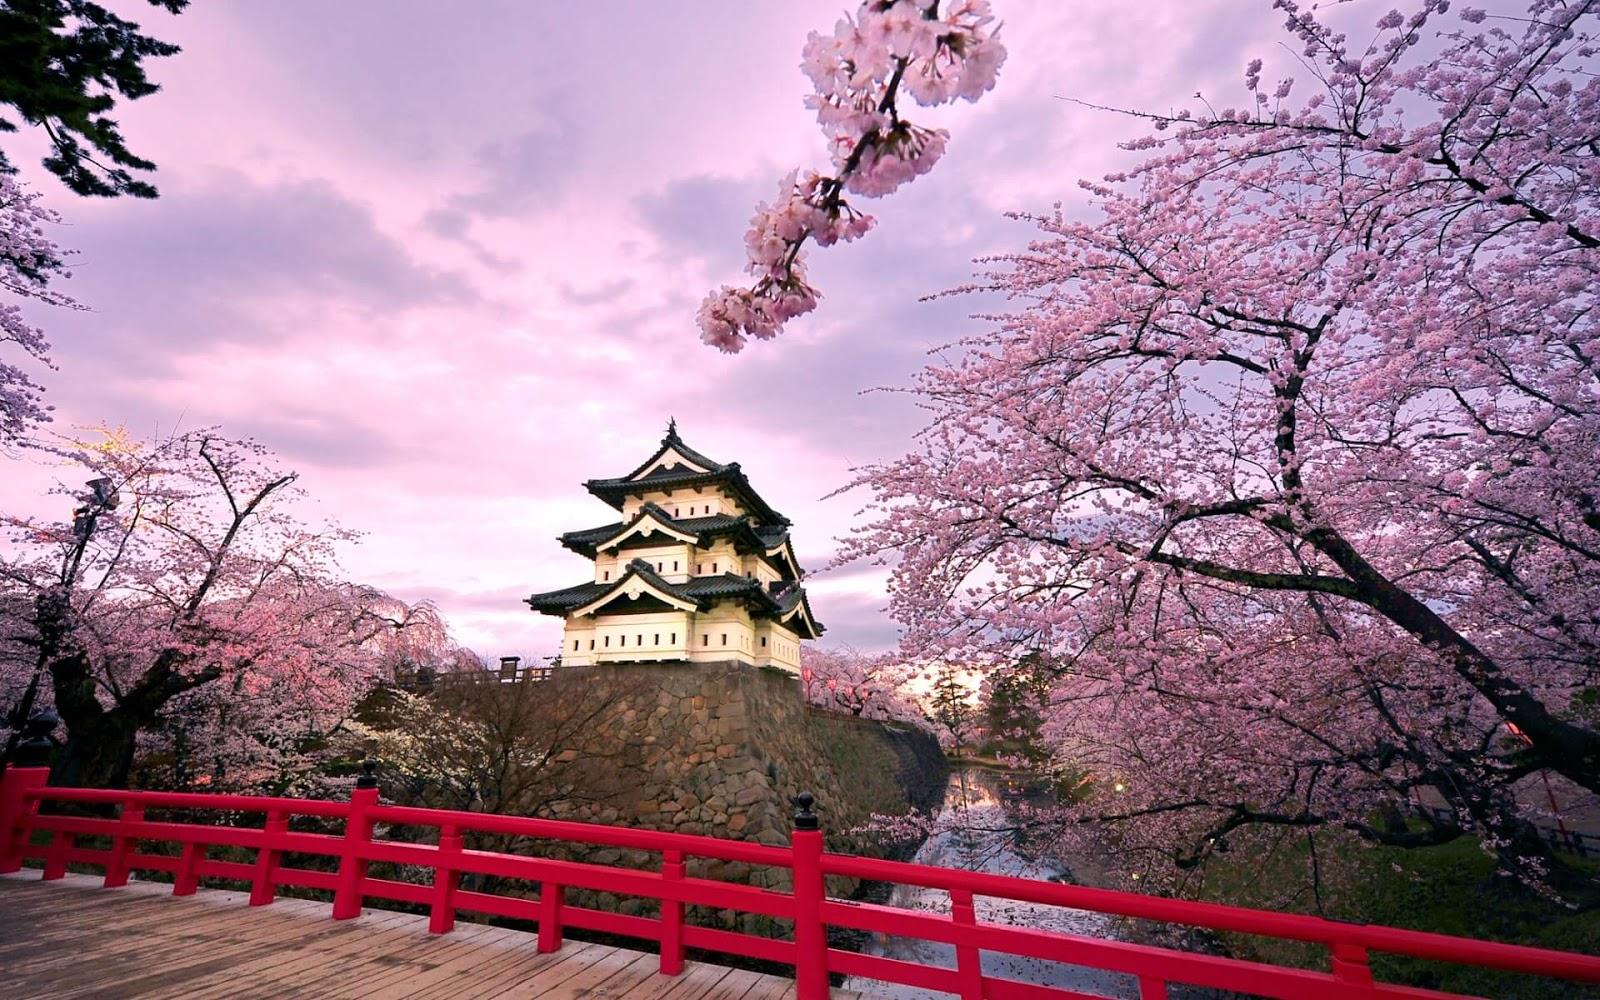 صور لشجرة الكرز اليابانيه